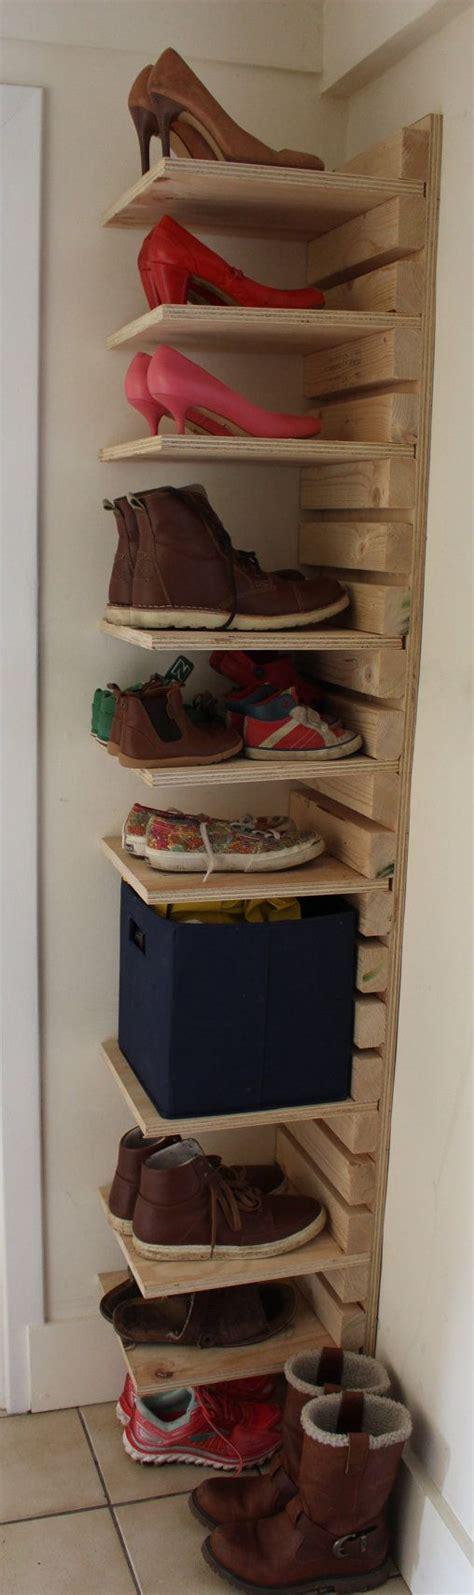 Rak Sepatu 7 Tingkat 6 Ruang Shoes Rack T3009 adjustable wooden shoe rack made to order 10 shelf and 22